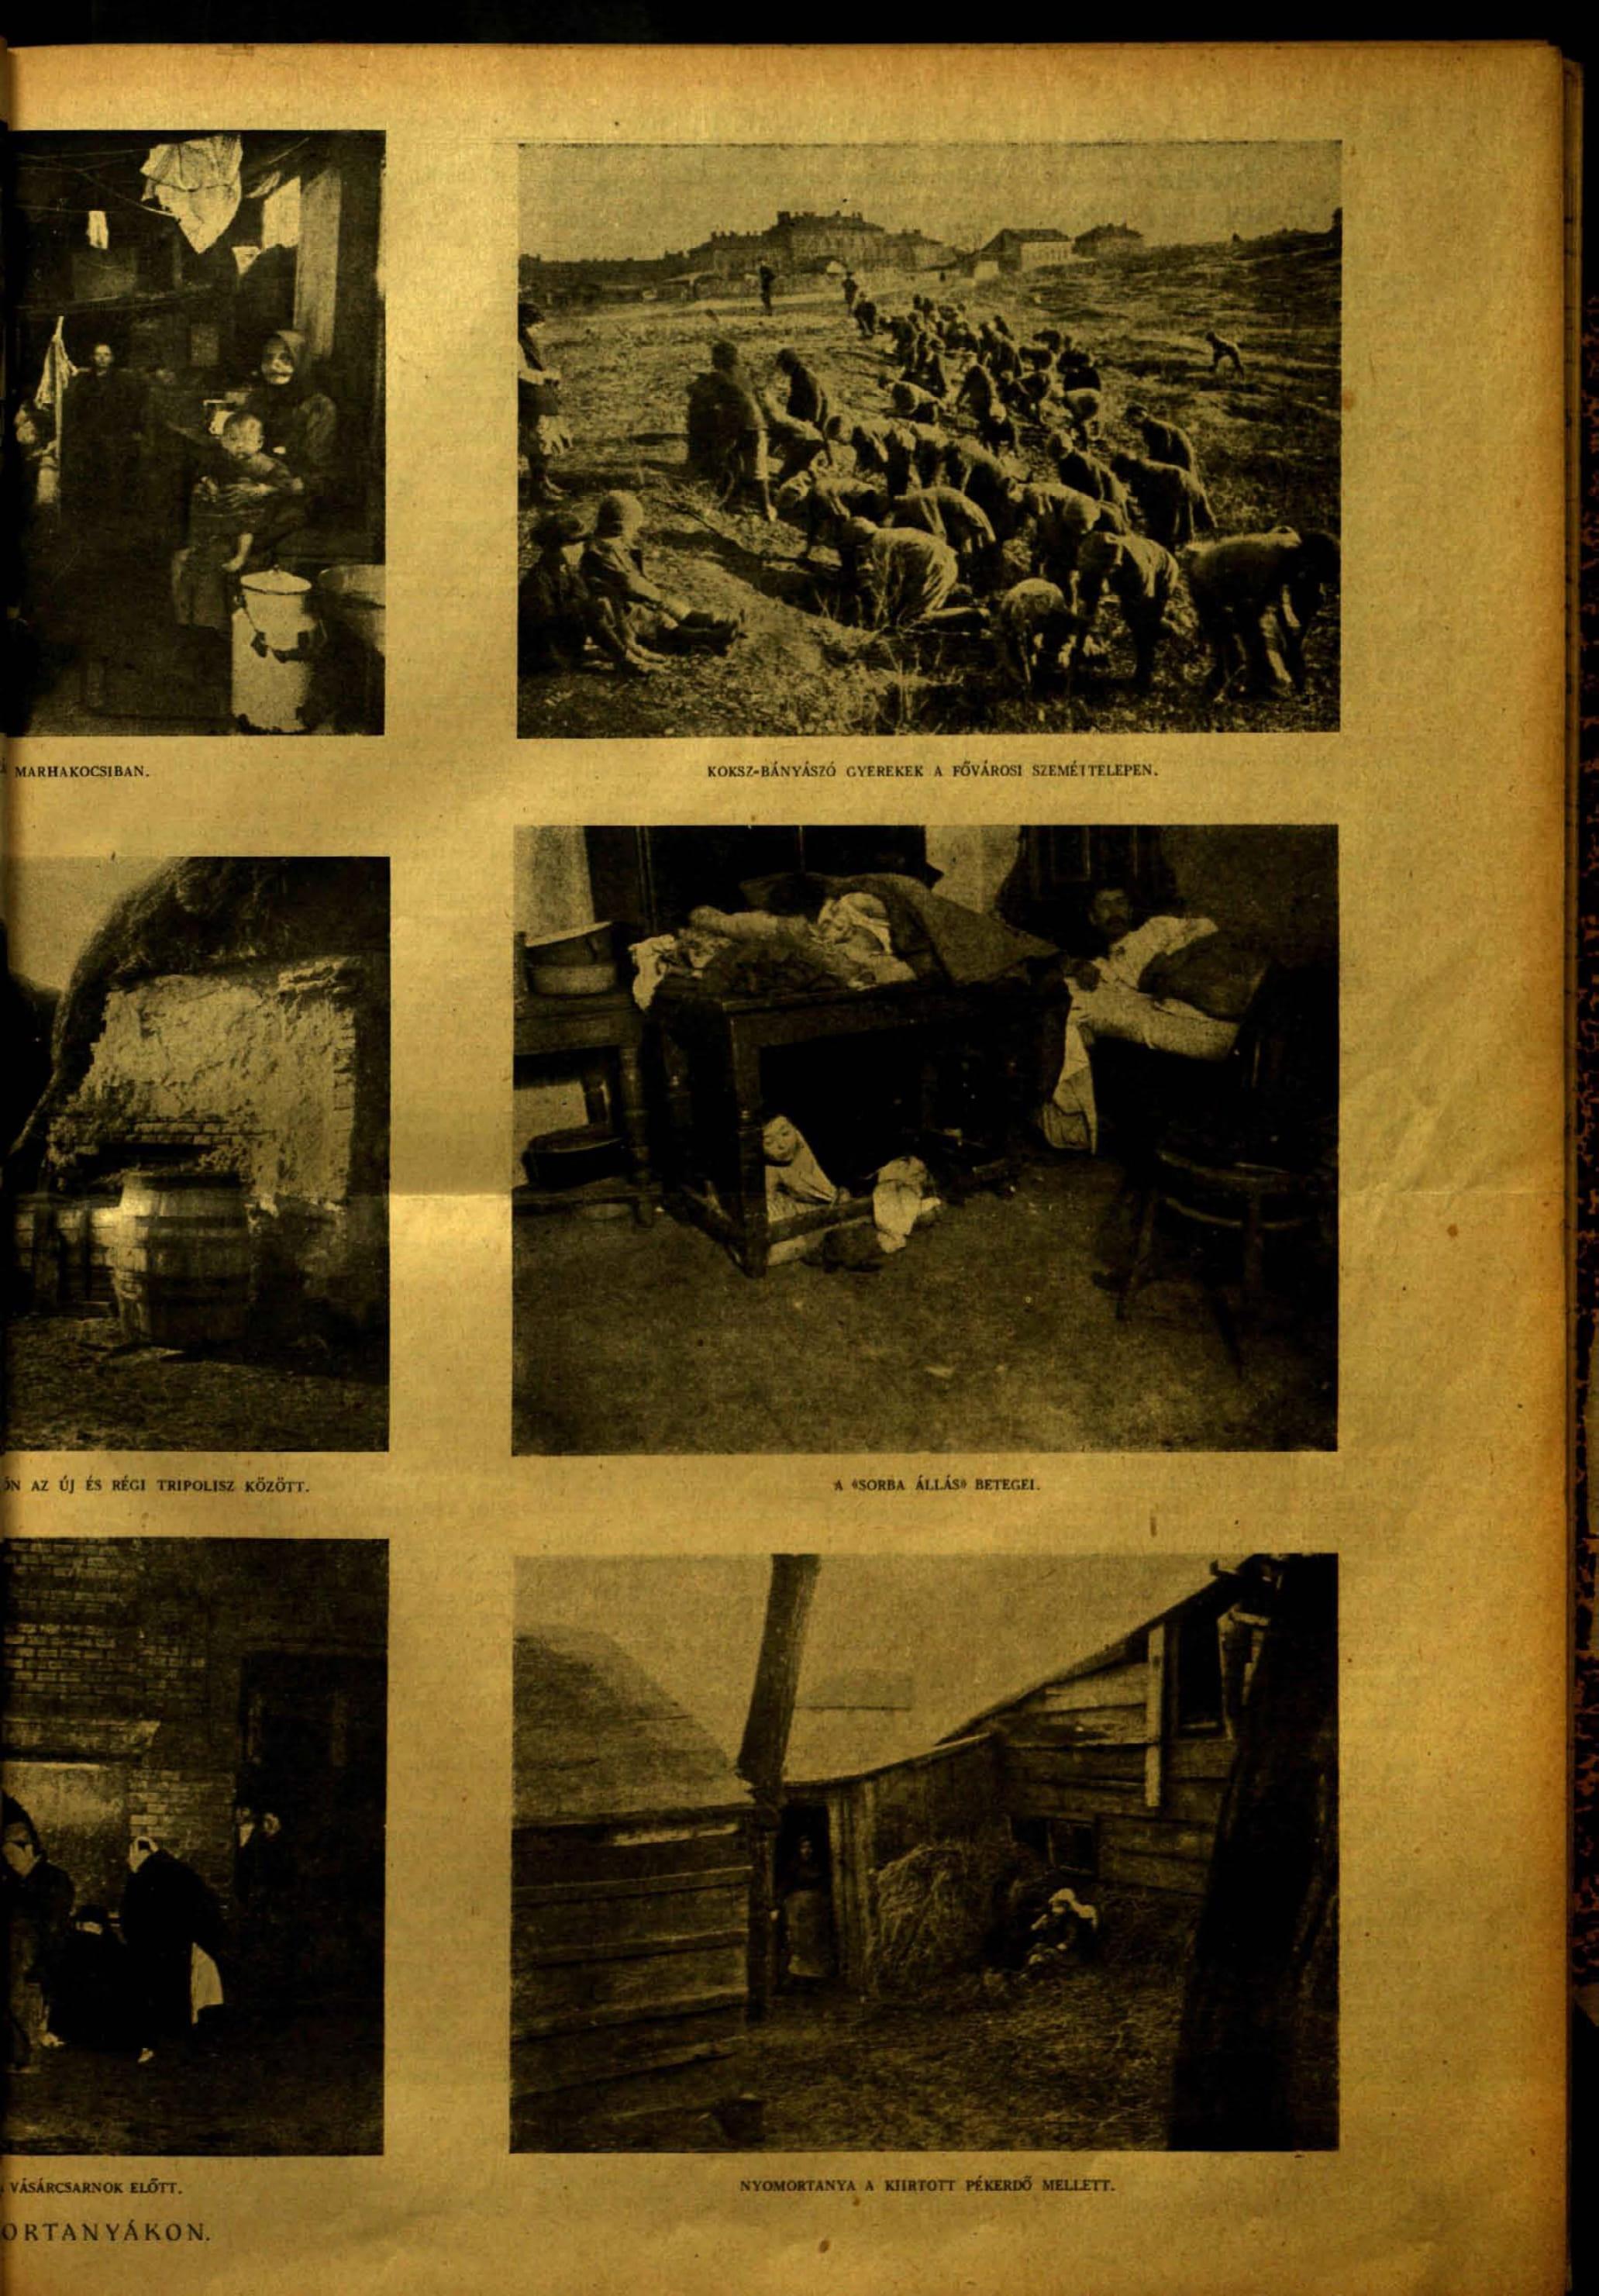 Tábori Kornél: Razzia a nyomortanyákon<br />Vasárnapi Ujság, 3. szám. 1920. 67. évfolyam. 31. oldal<br />adtplus.arcanum.hu